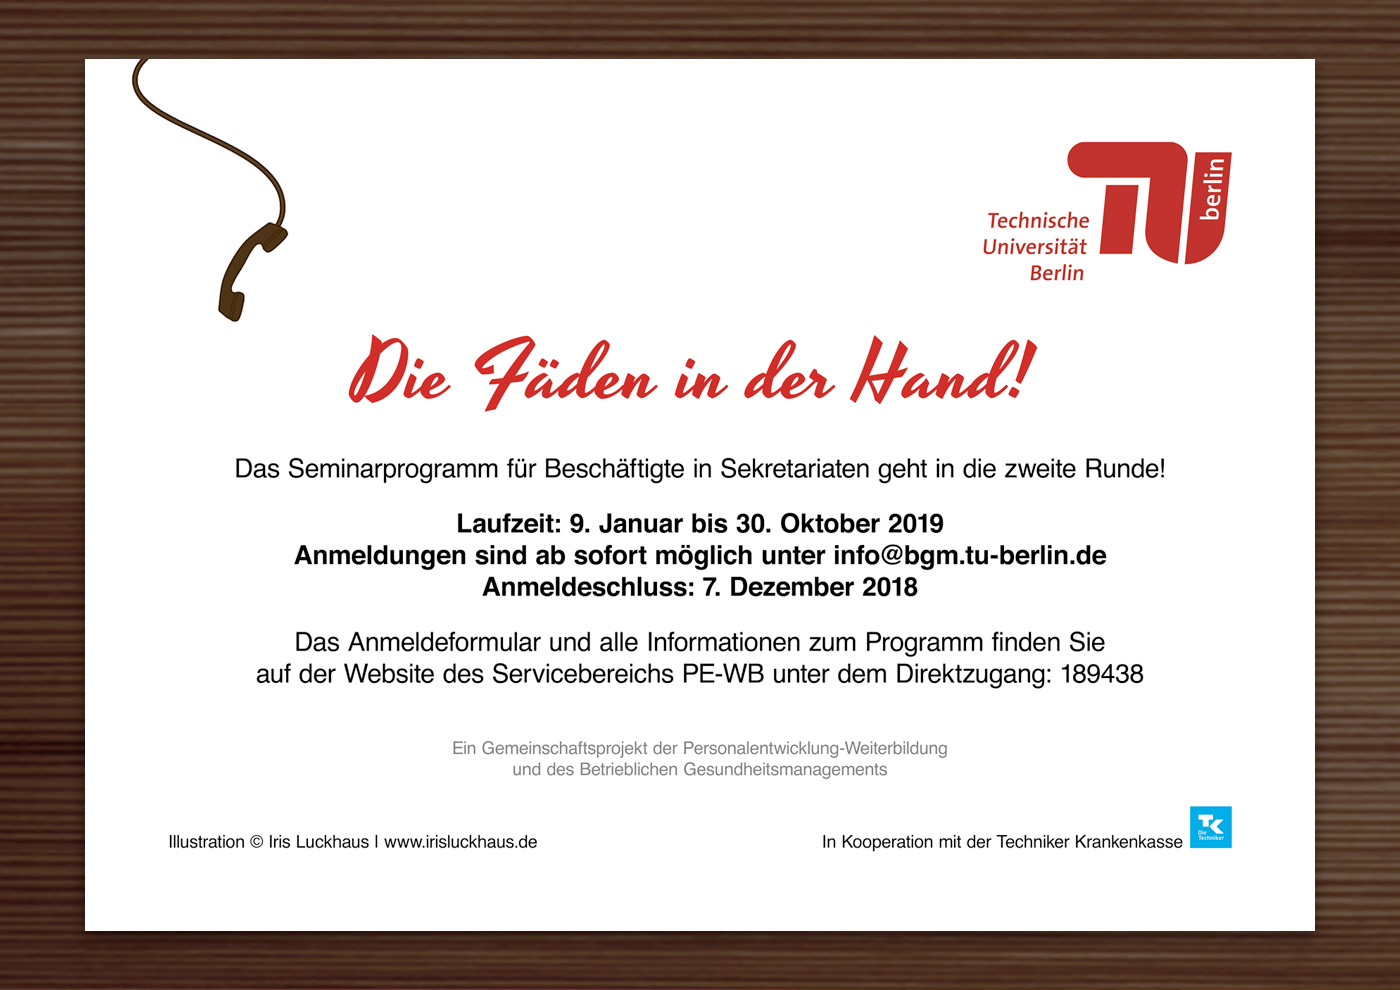 Sekretärin für eine Einladungskarte der TU Berlin – Alle Fäden in der Hand! Tippst Du noch oder managst Du schon?